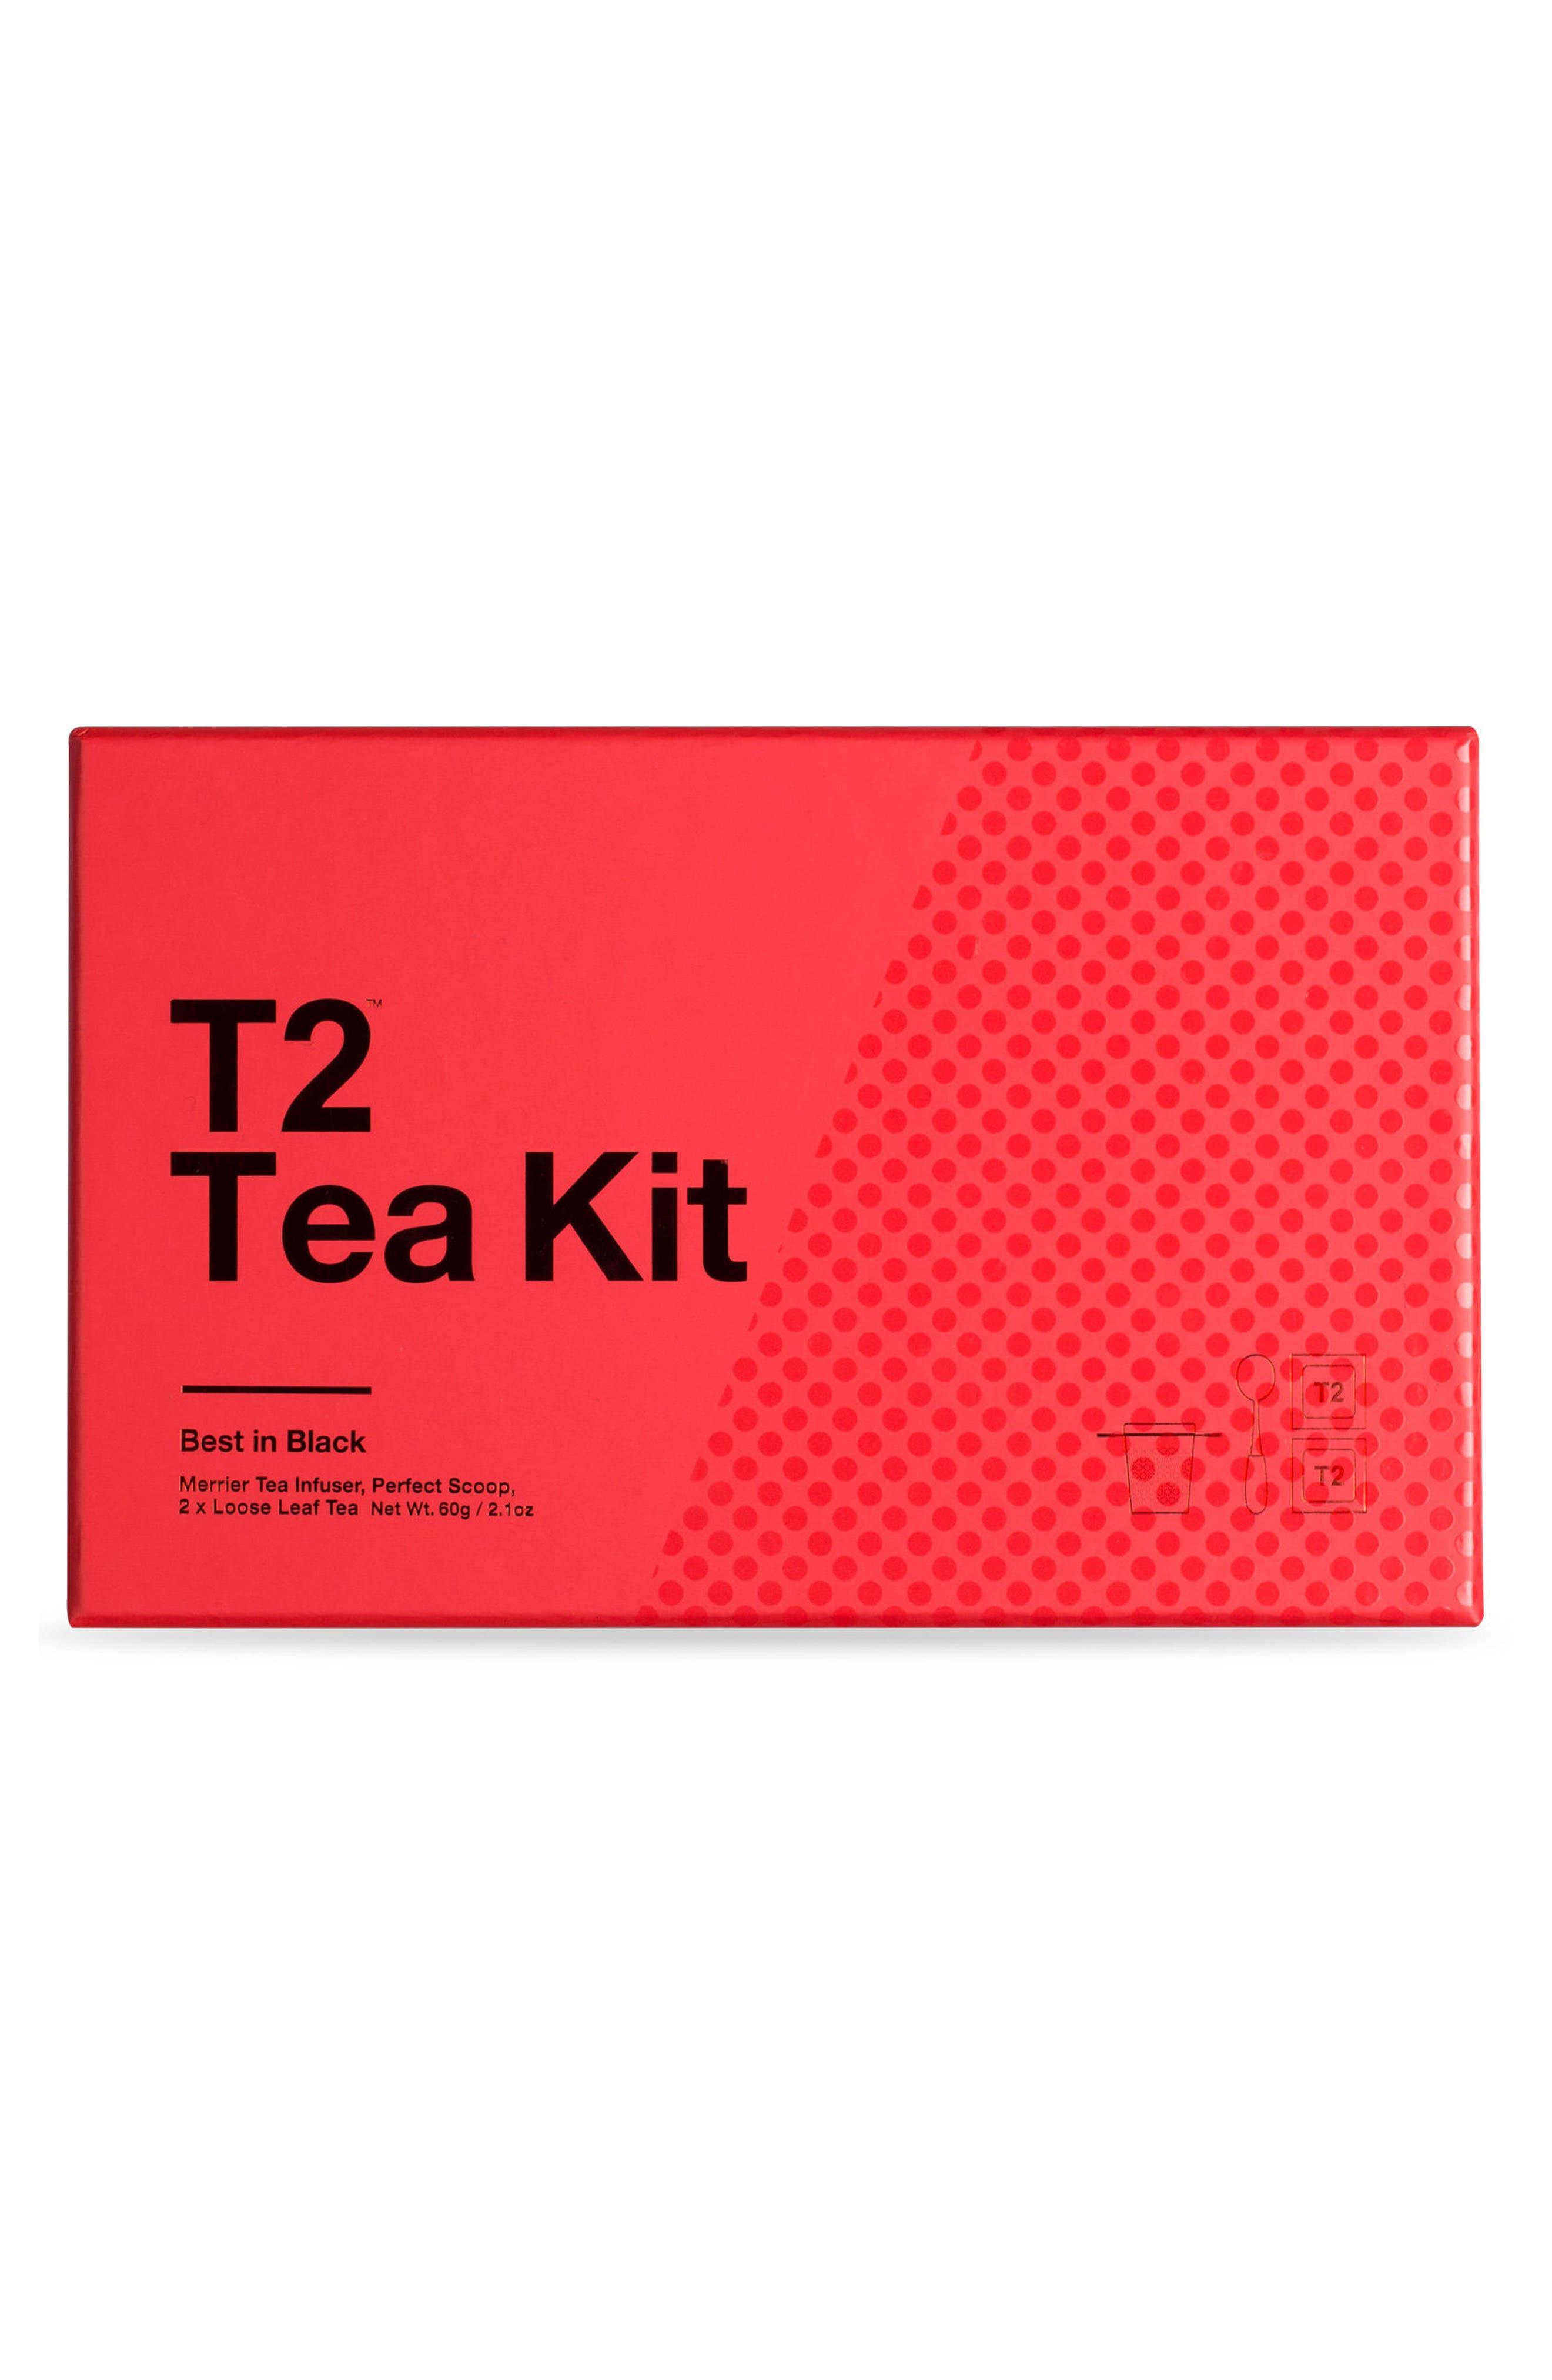 Main Image - T2 Tea Best in Black Loose Leaf Tea Box Set